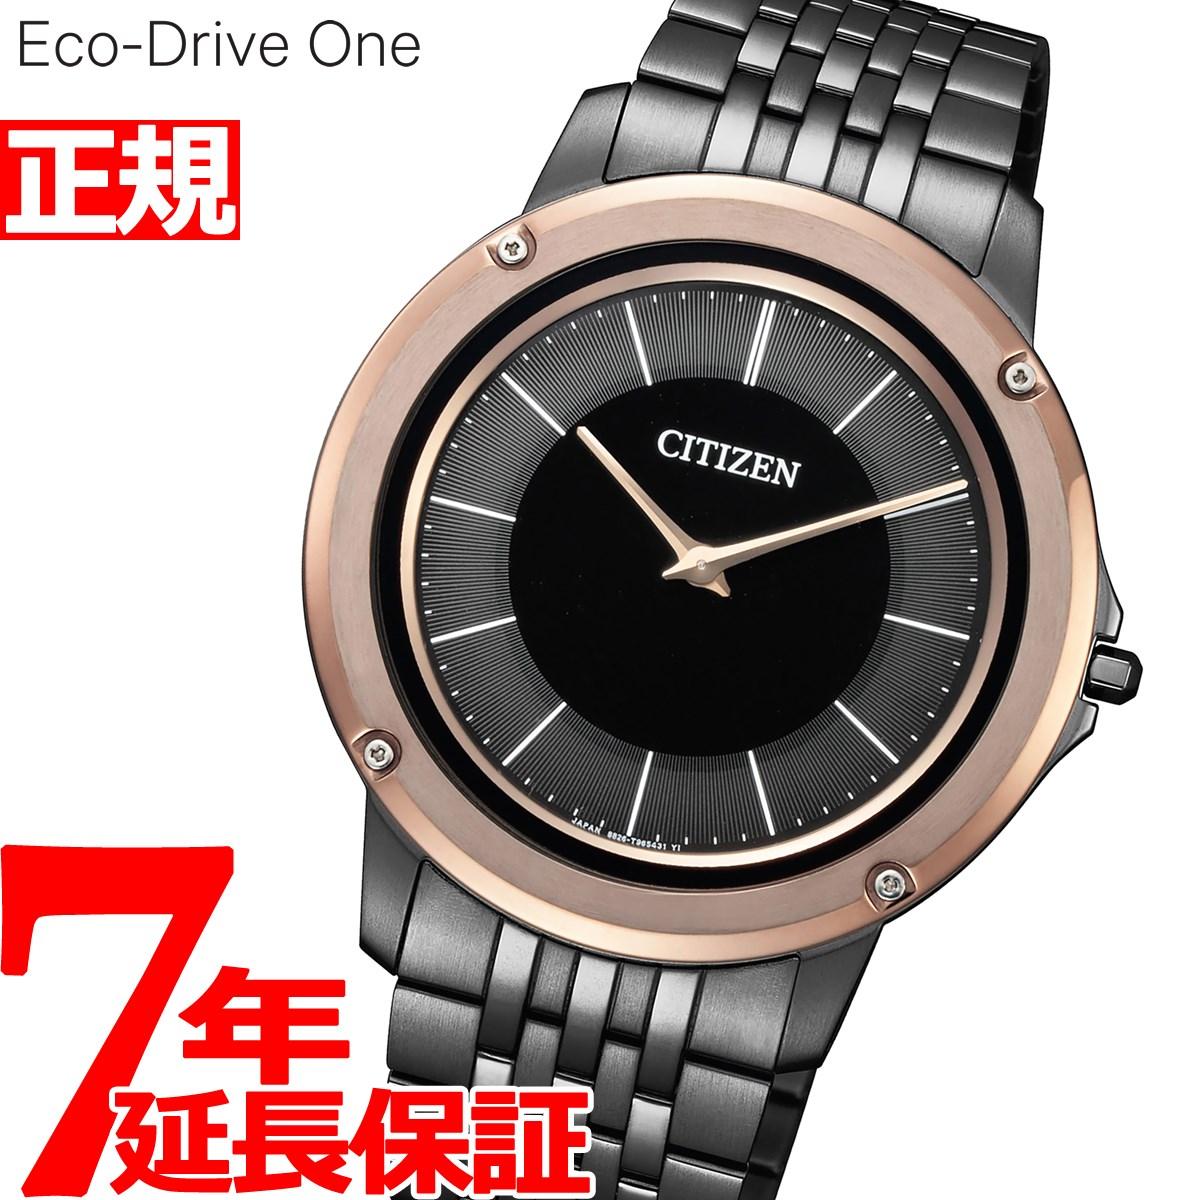 【5日0時~♪2000円OFFクーポン&店内ポイント最大51倍!5日23時59分まで】シチズン エコドライブ ワン CITIZEN Eco-Drive One ソーラー 腕時計 メンズ AR5054-51E